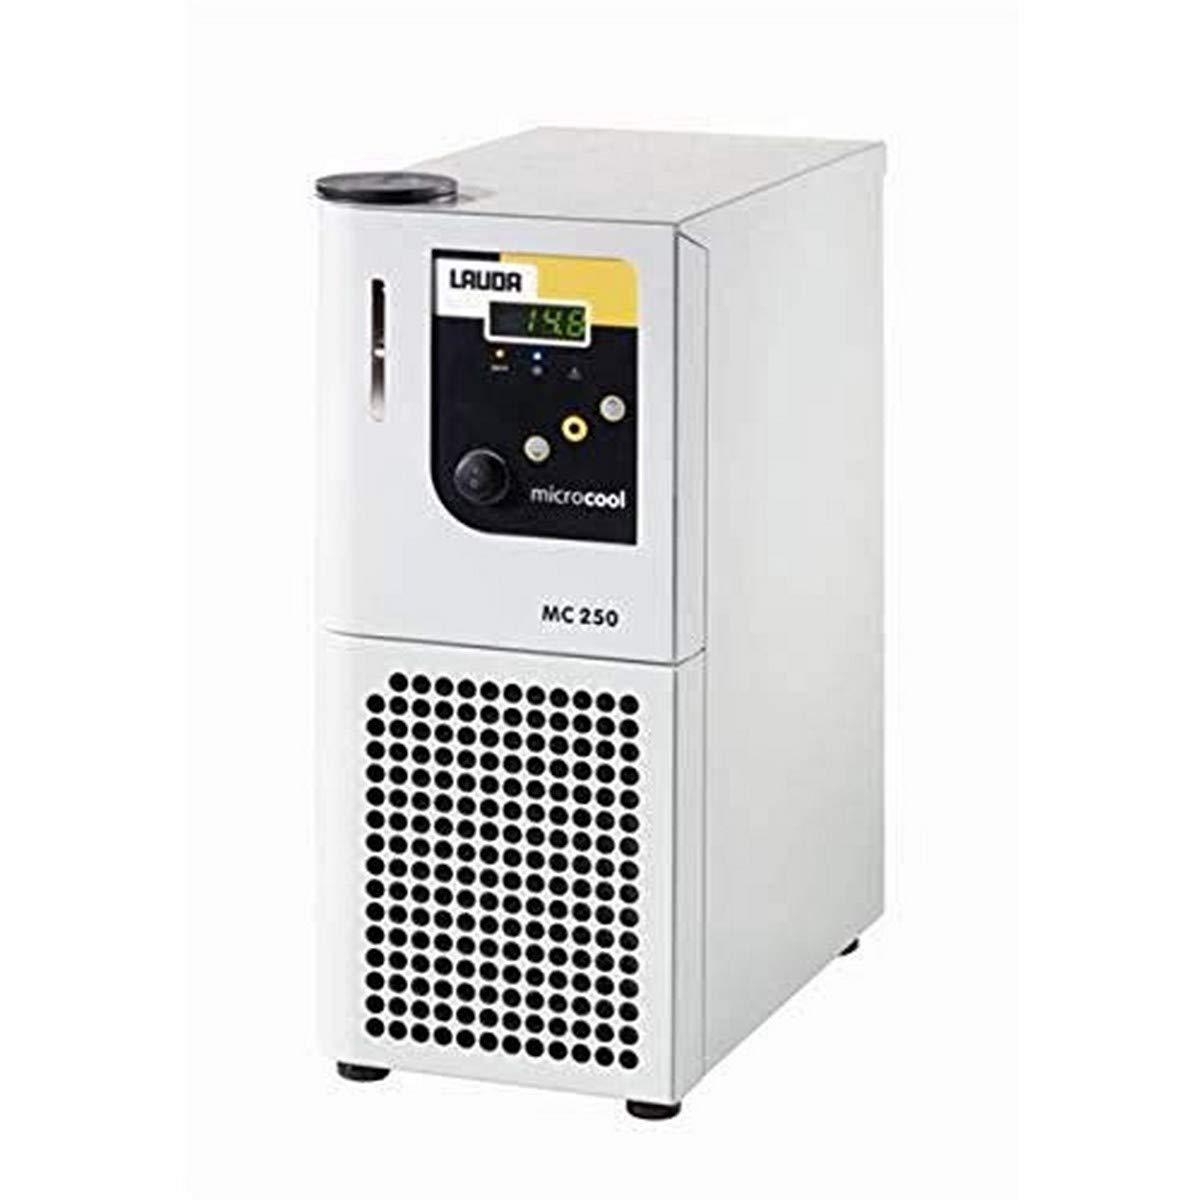 MICROCOOL - CHILLERS DE CIRCULAÇÃO COM REFRIGERAÇÃO ( 0.35 kW) - LAUDA - Cód. MC350